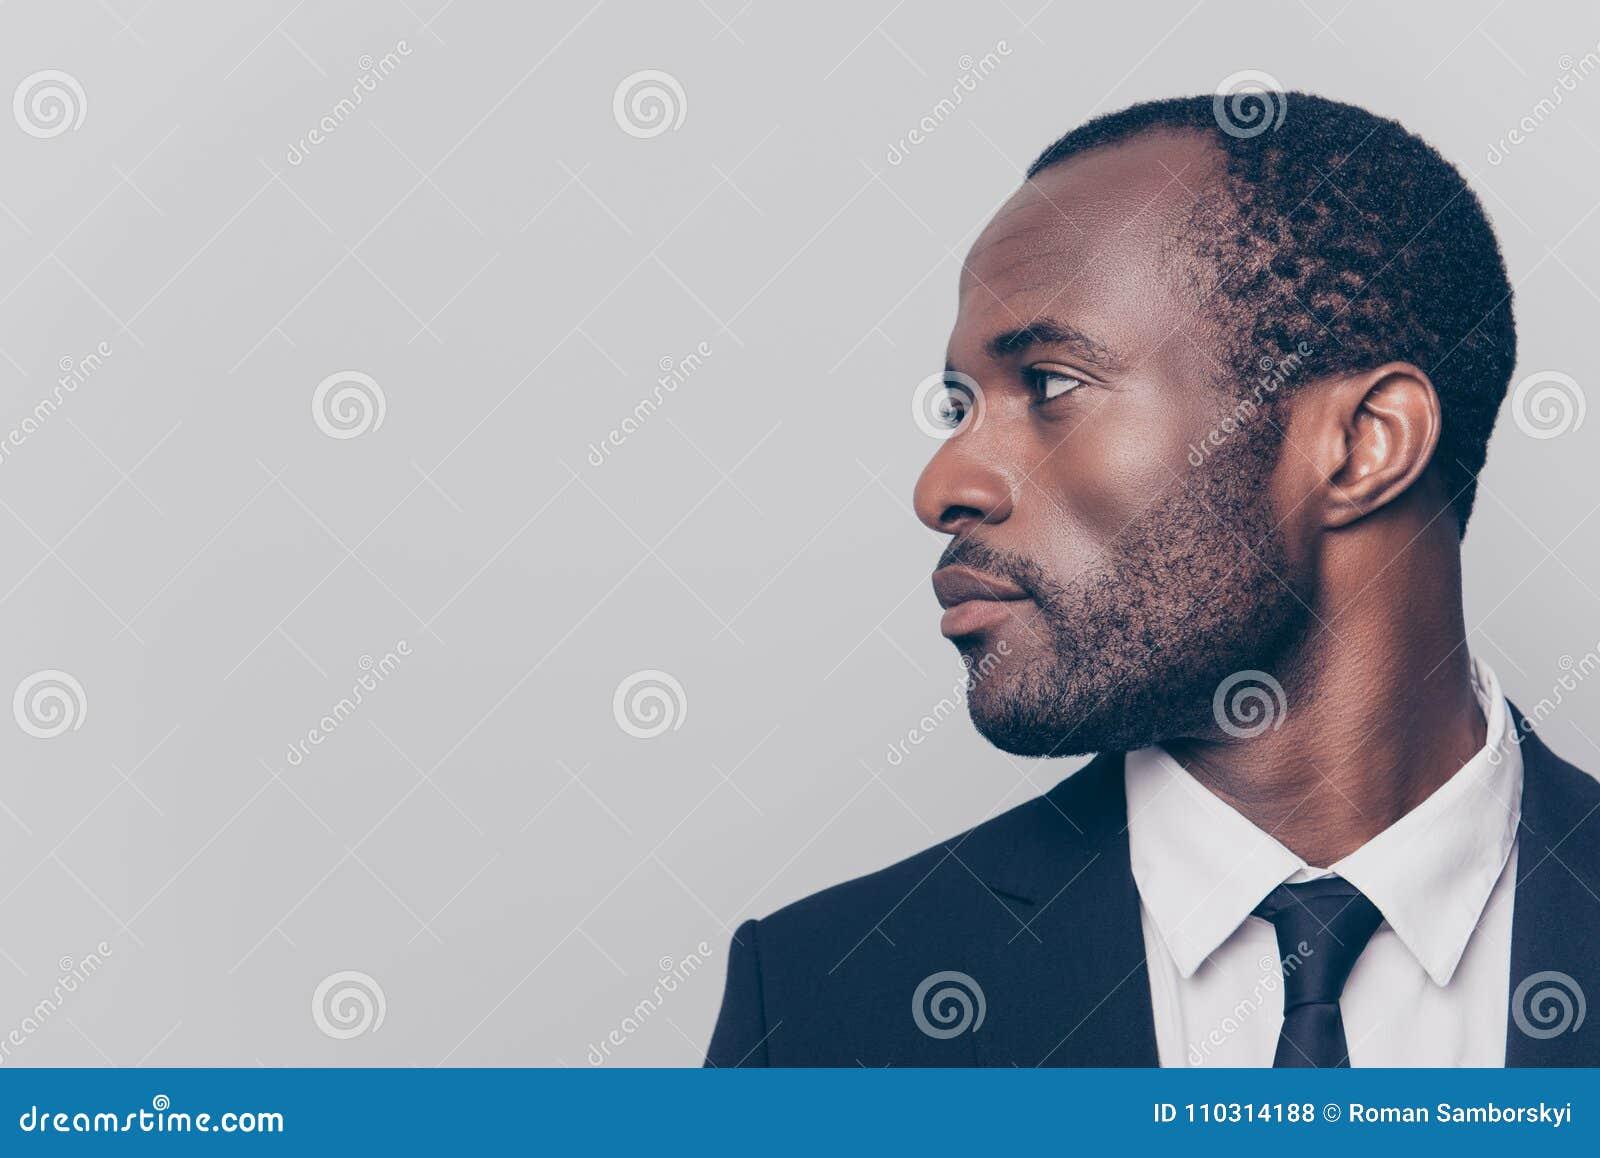 Fin latérale Moitié-tournée de profil vers le haut de portrait de vue de viri beau